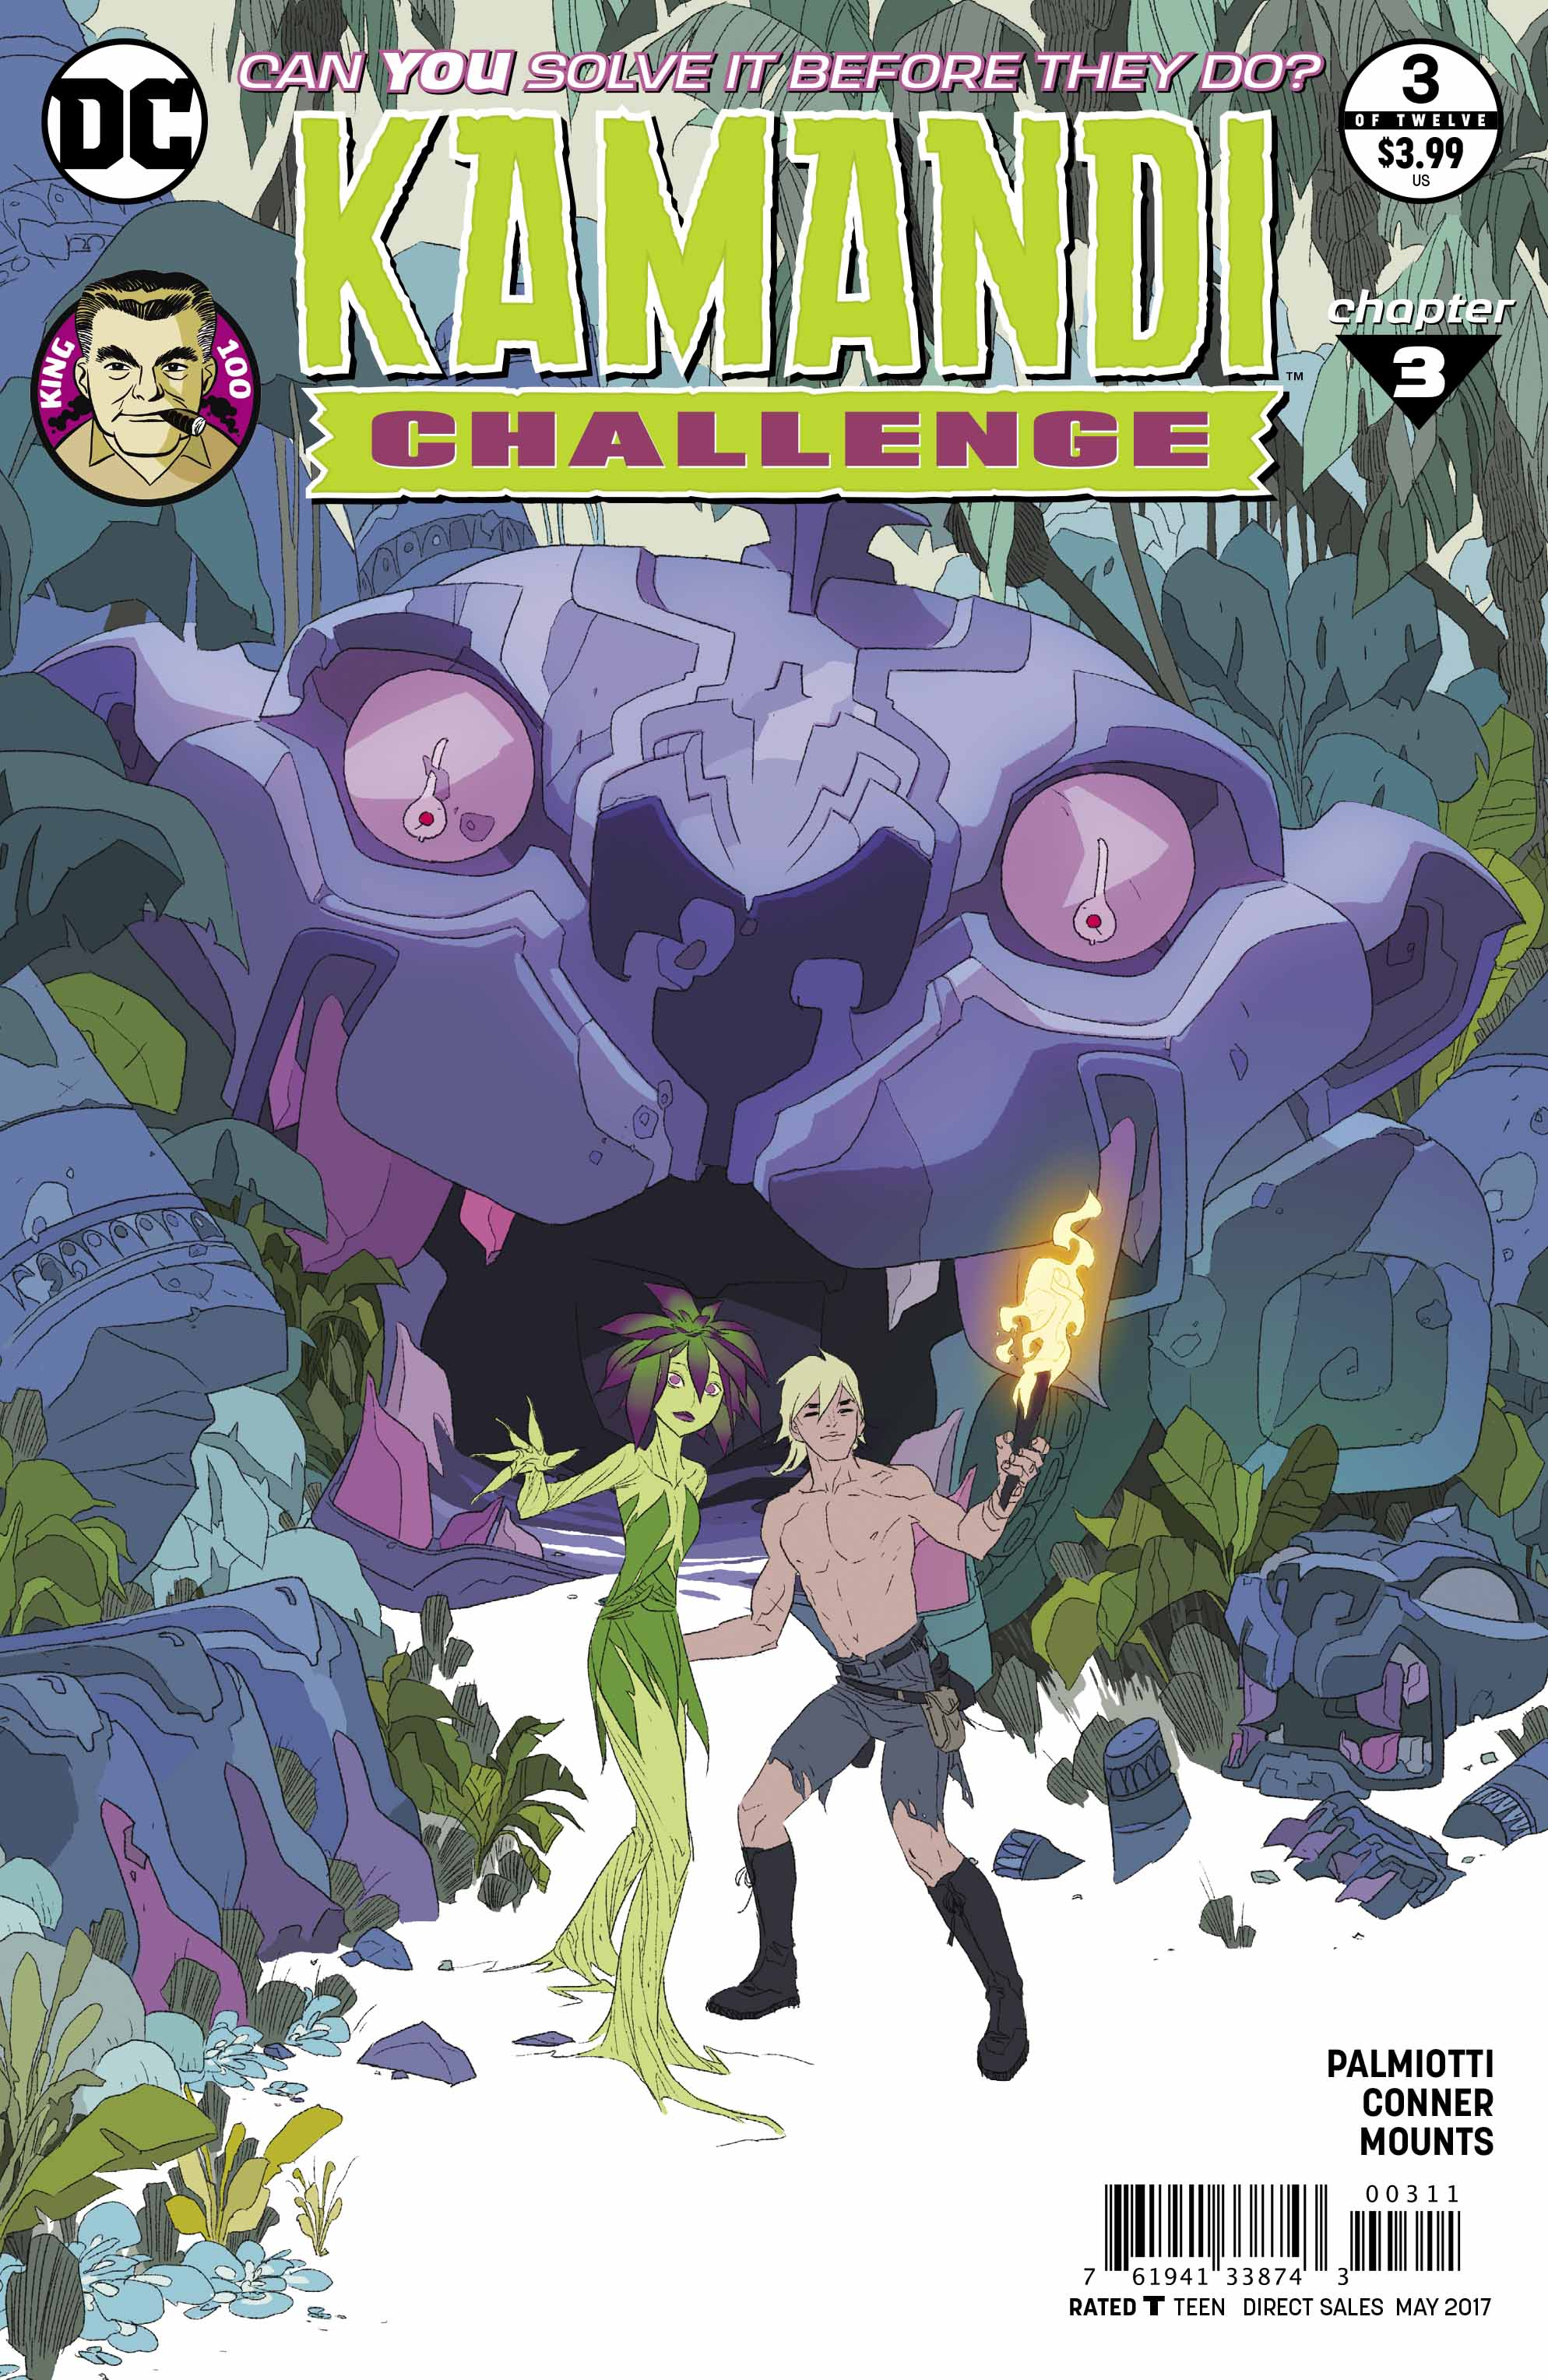 Preview: The Kamandi Challenge #3